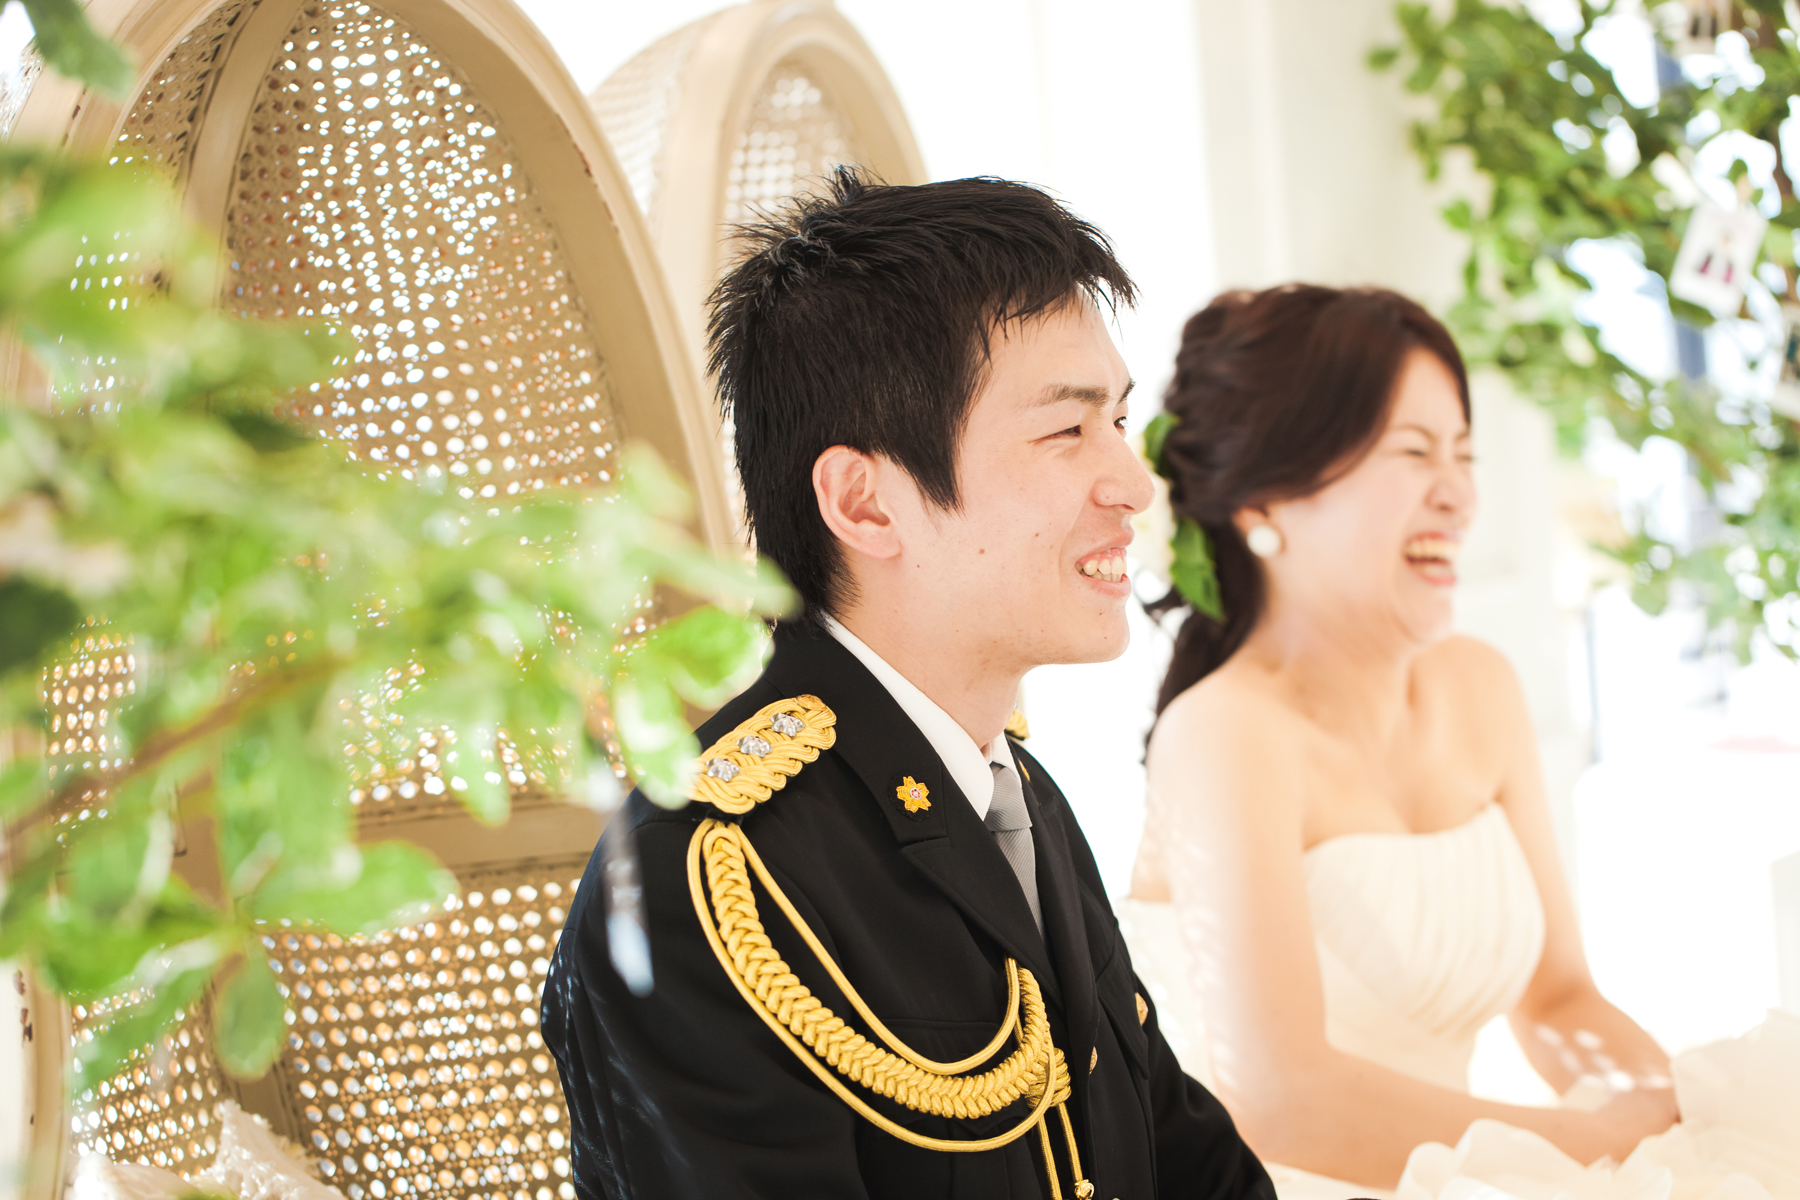 滋賀県長浜市の北ビワコホテルグラツィエでの結婚式